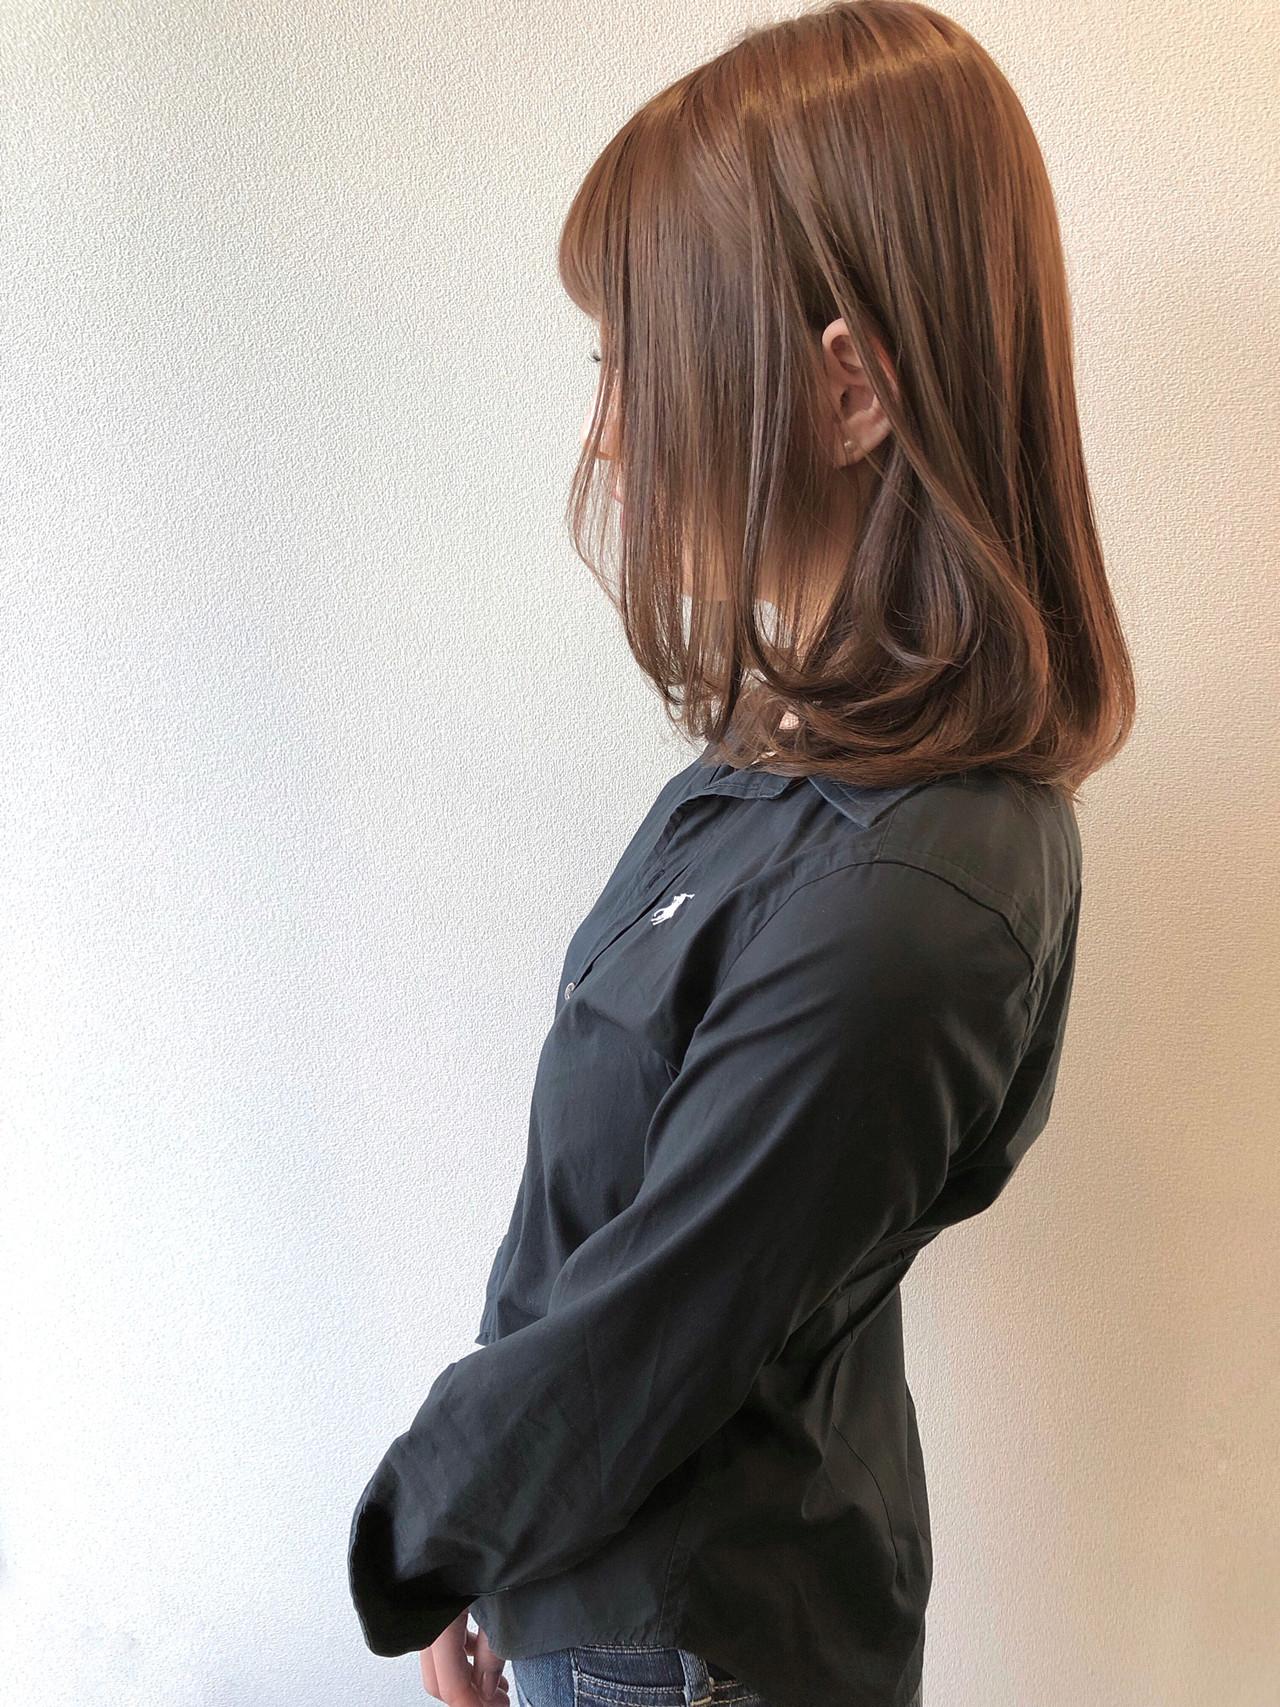 ベージュ アッシュベージュ 秋冬スタイル ミディアム ヘアスタイルや髪型の写真・画像 | 田中 祐樹 / Tribute Hair&Nail